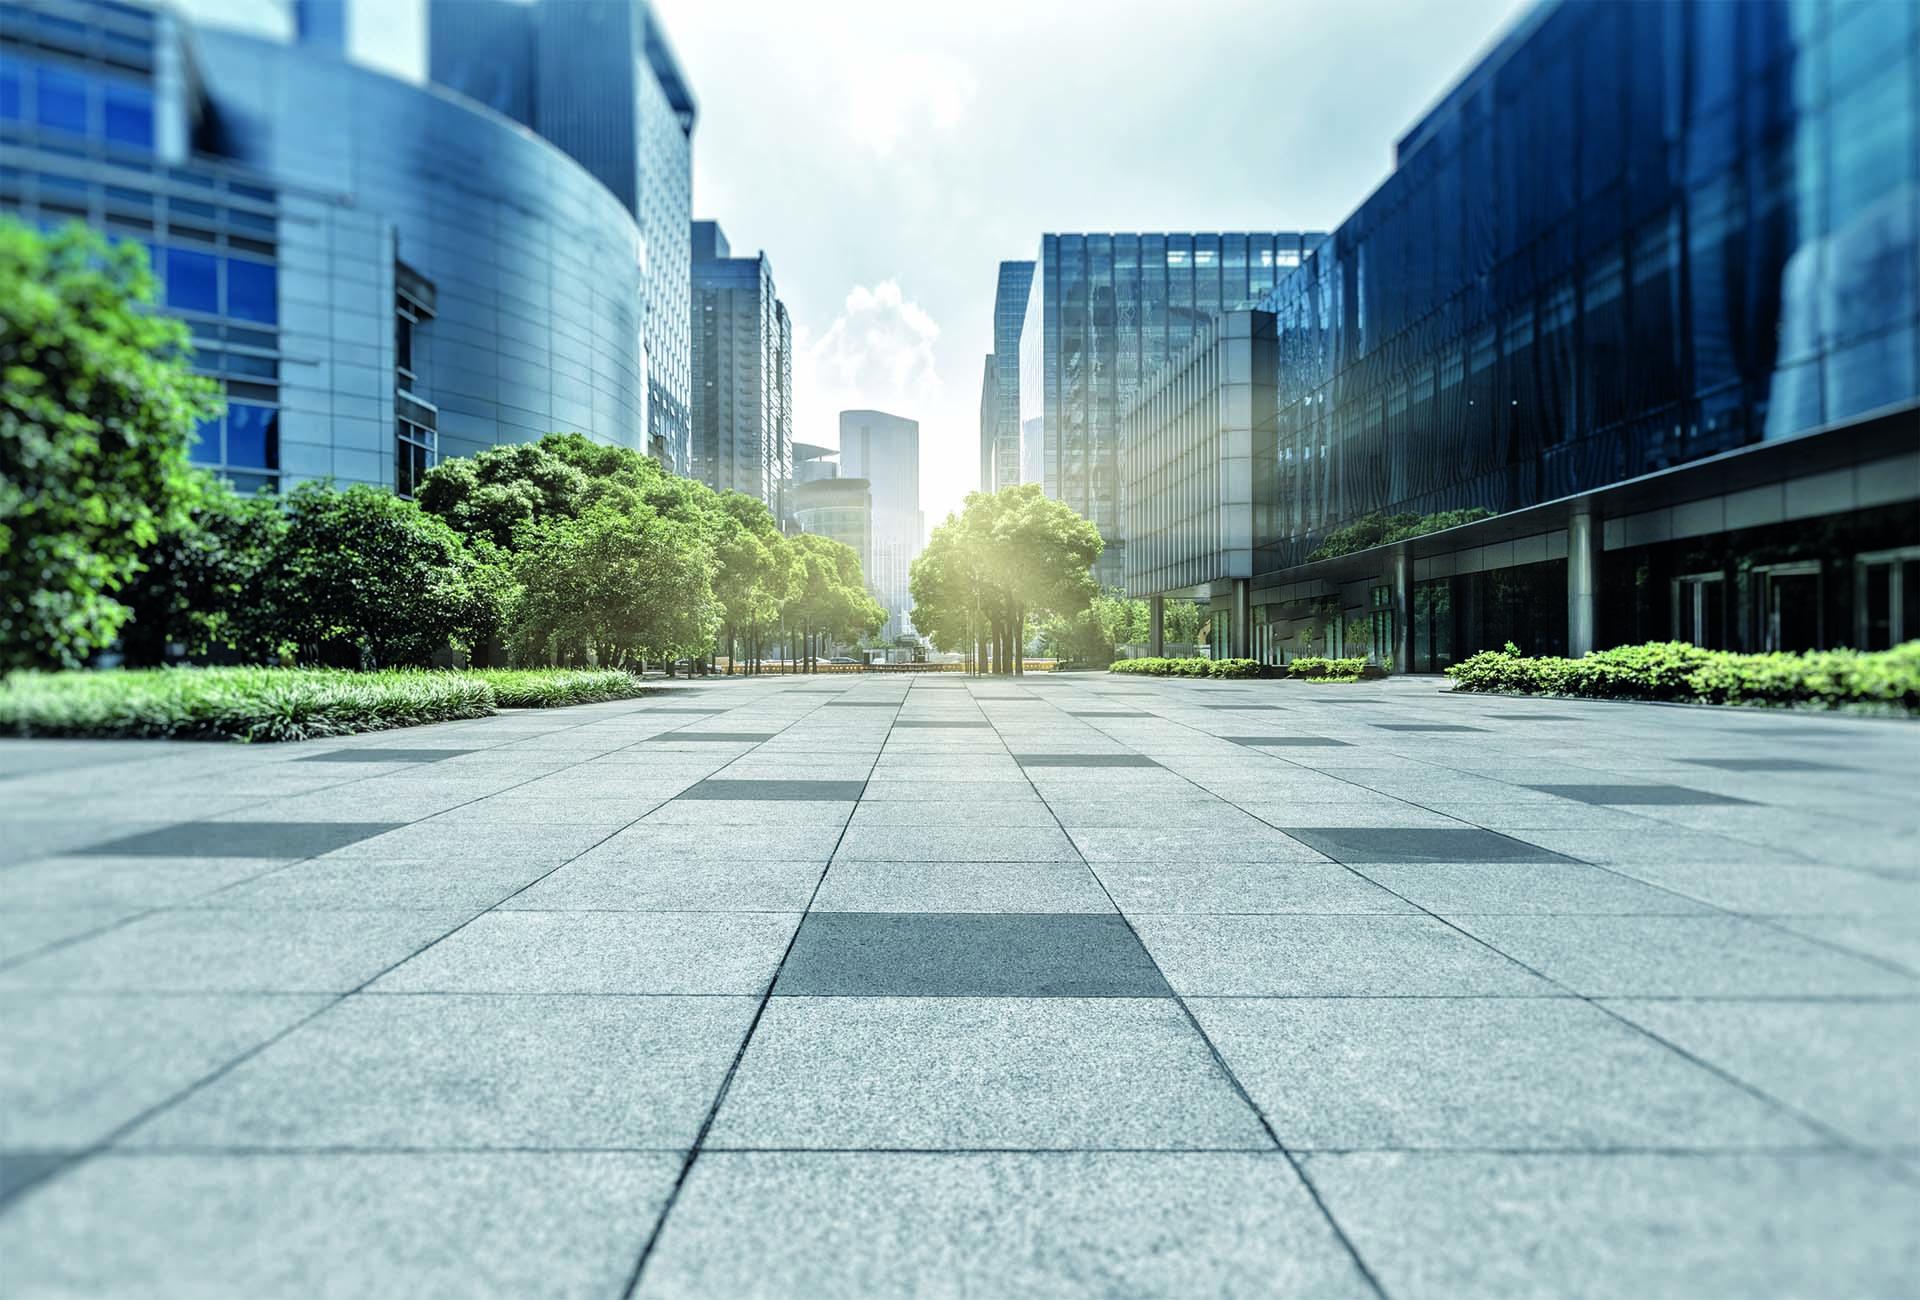 parcs-et-environnements-urbains